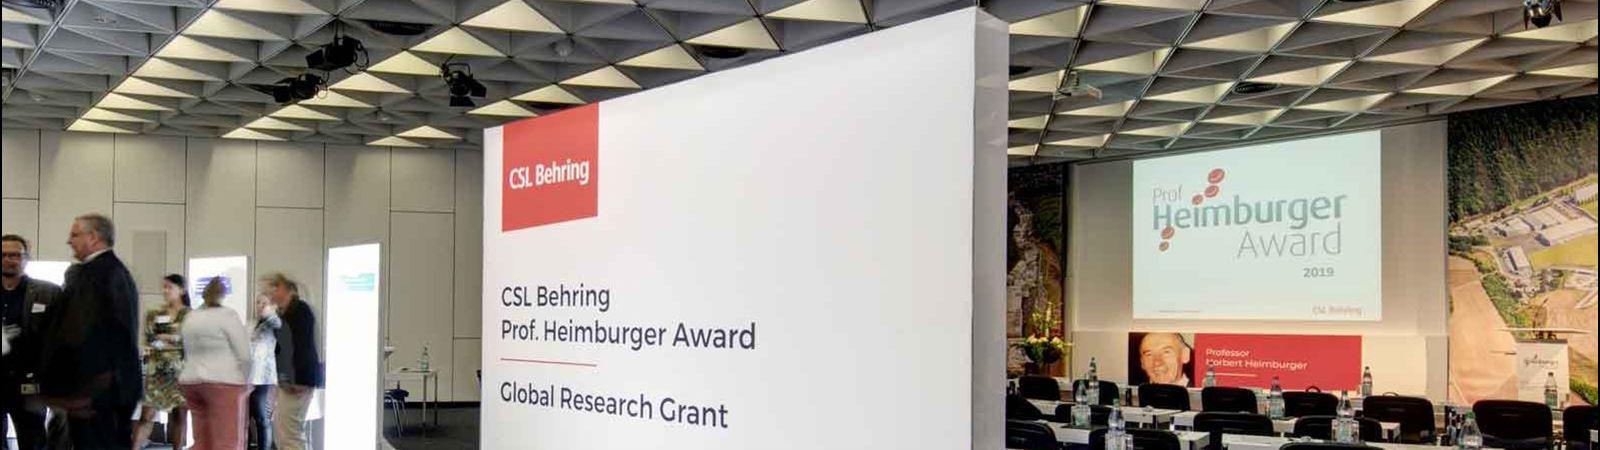 Prof. Heimburger Award